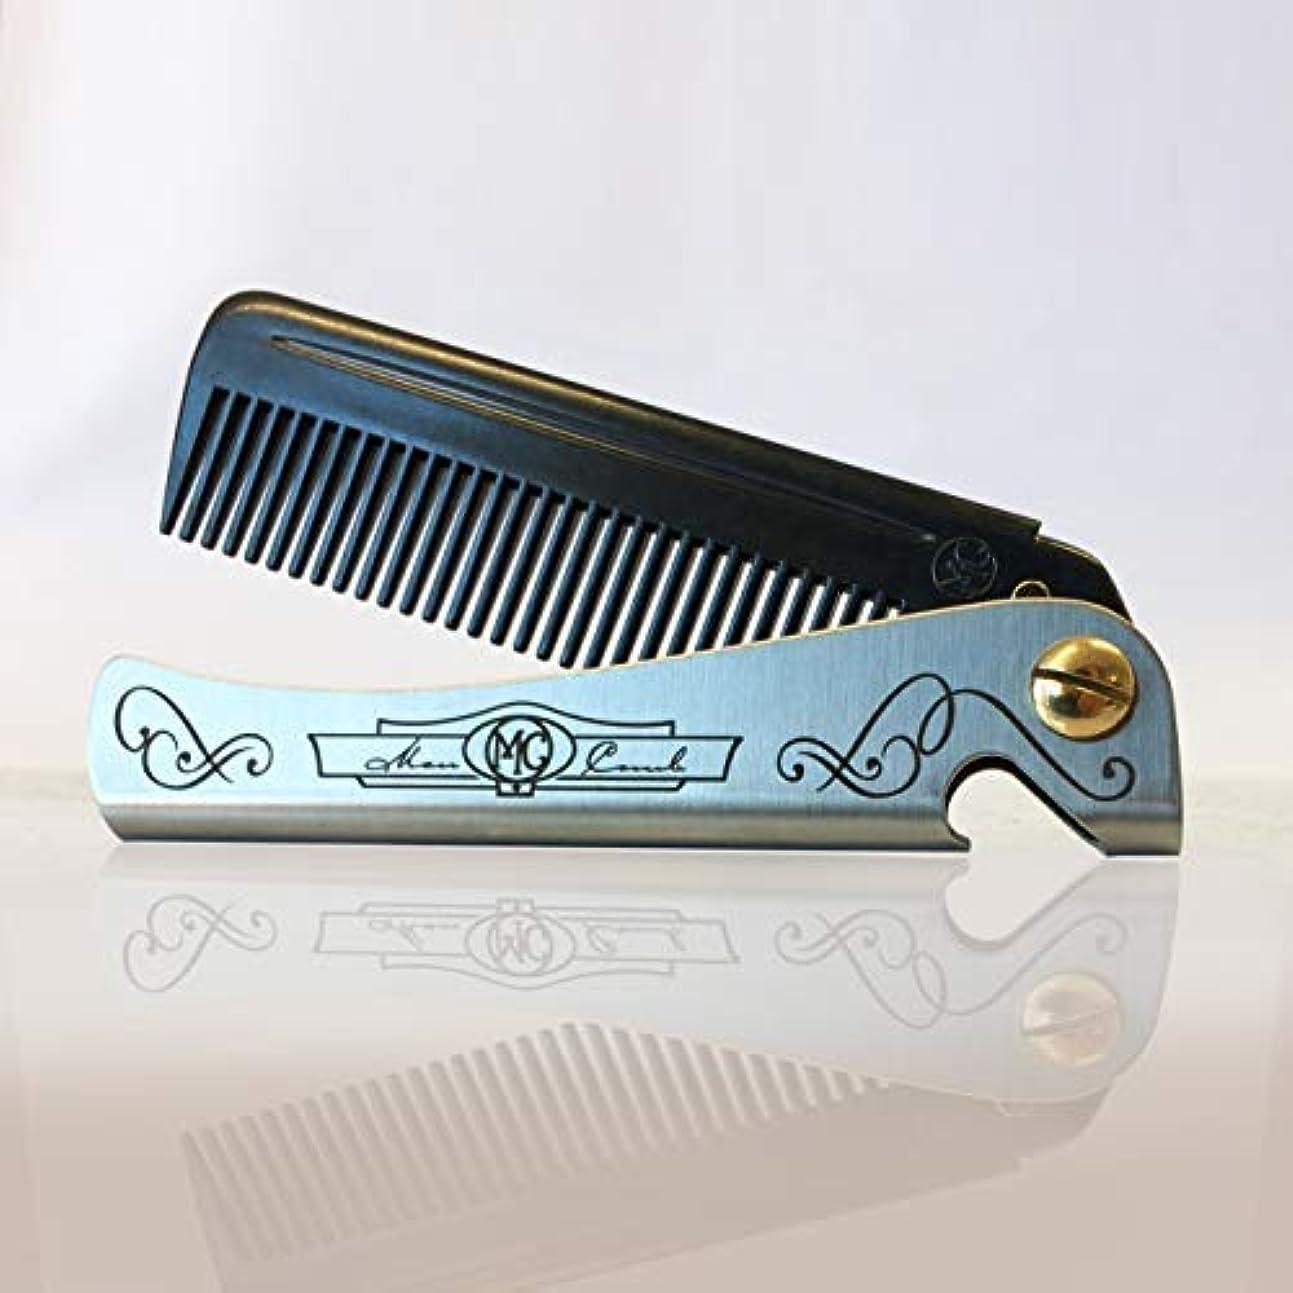 恐ろしい我慢する文字通りNew 'Carbon' Man Comb. A seriously strong folding comb and bottle opener. [並行輸入品]